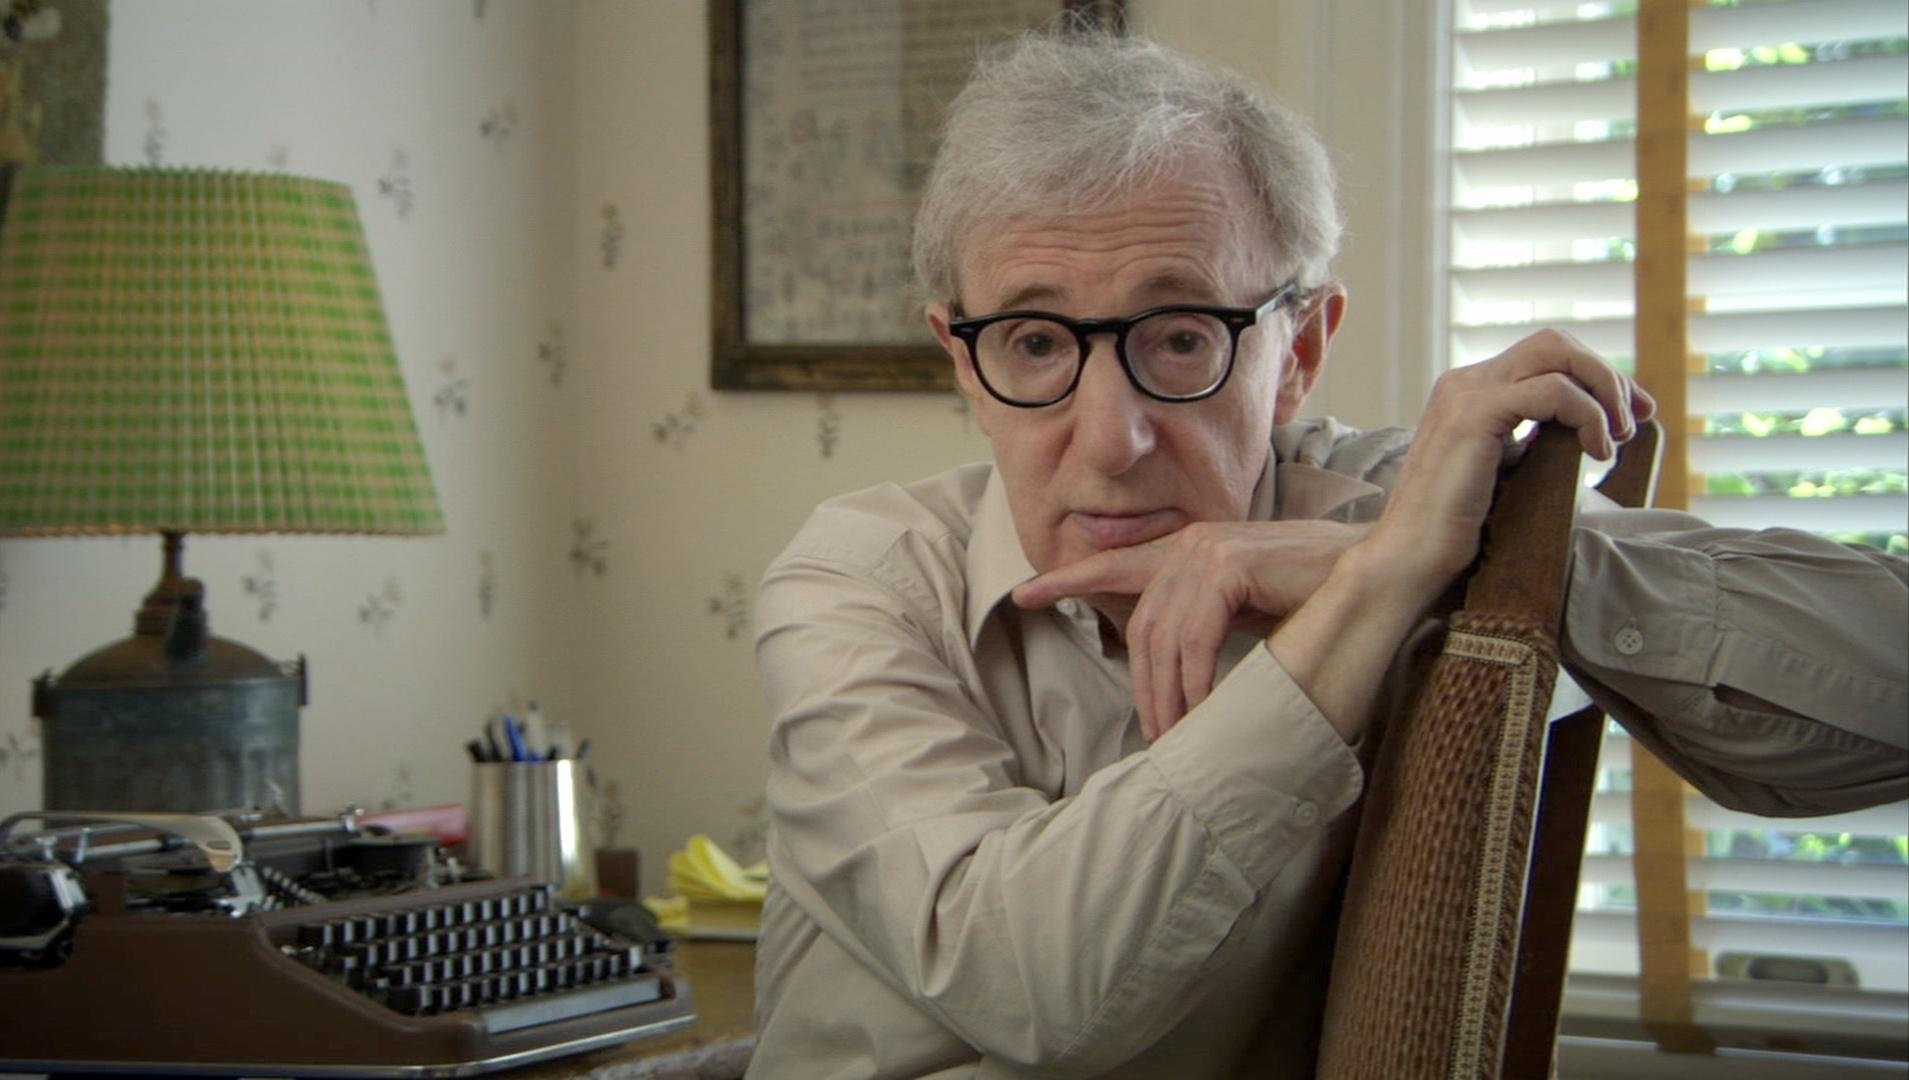 El Festival Cine Inédito proyecta este domingo »Woody Allen, un documental», que ofrece una «mirada íntima» del cineasta